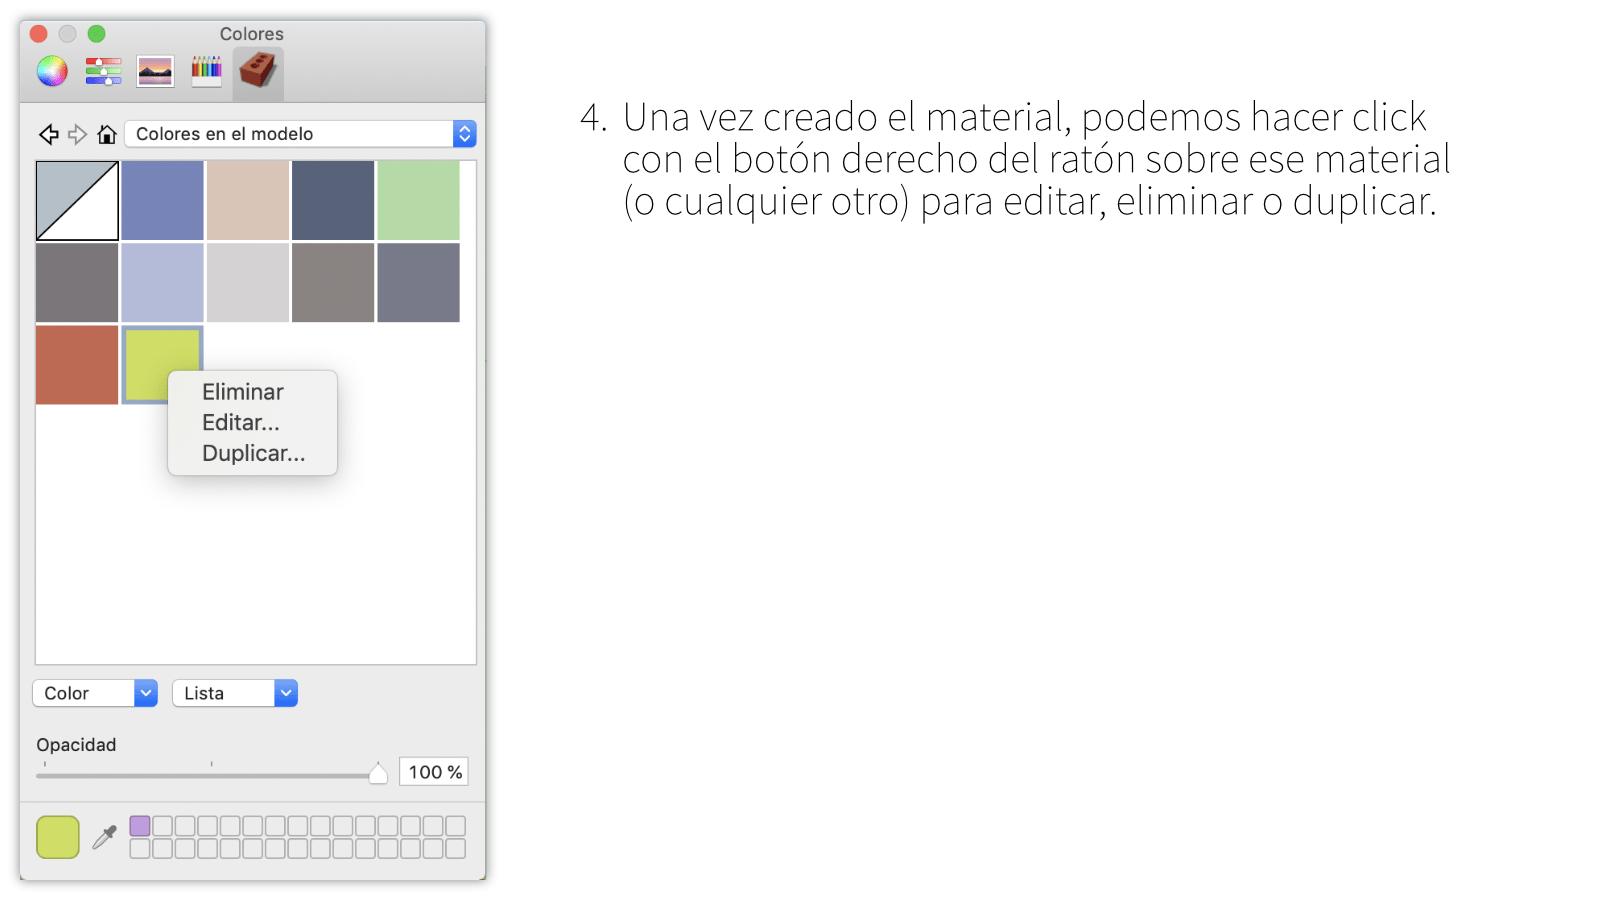 Creación de materiales en Mac OSX